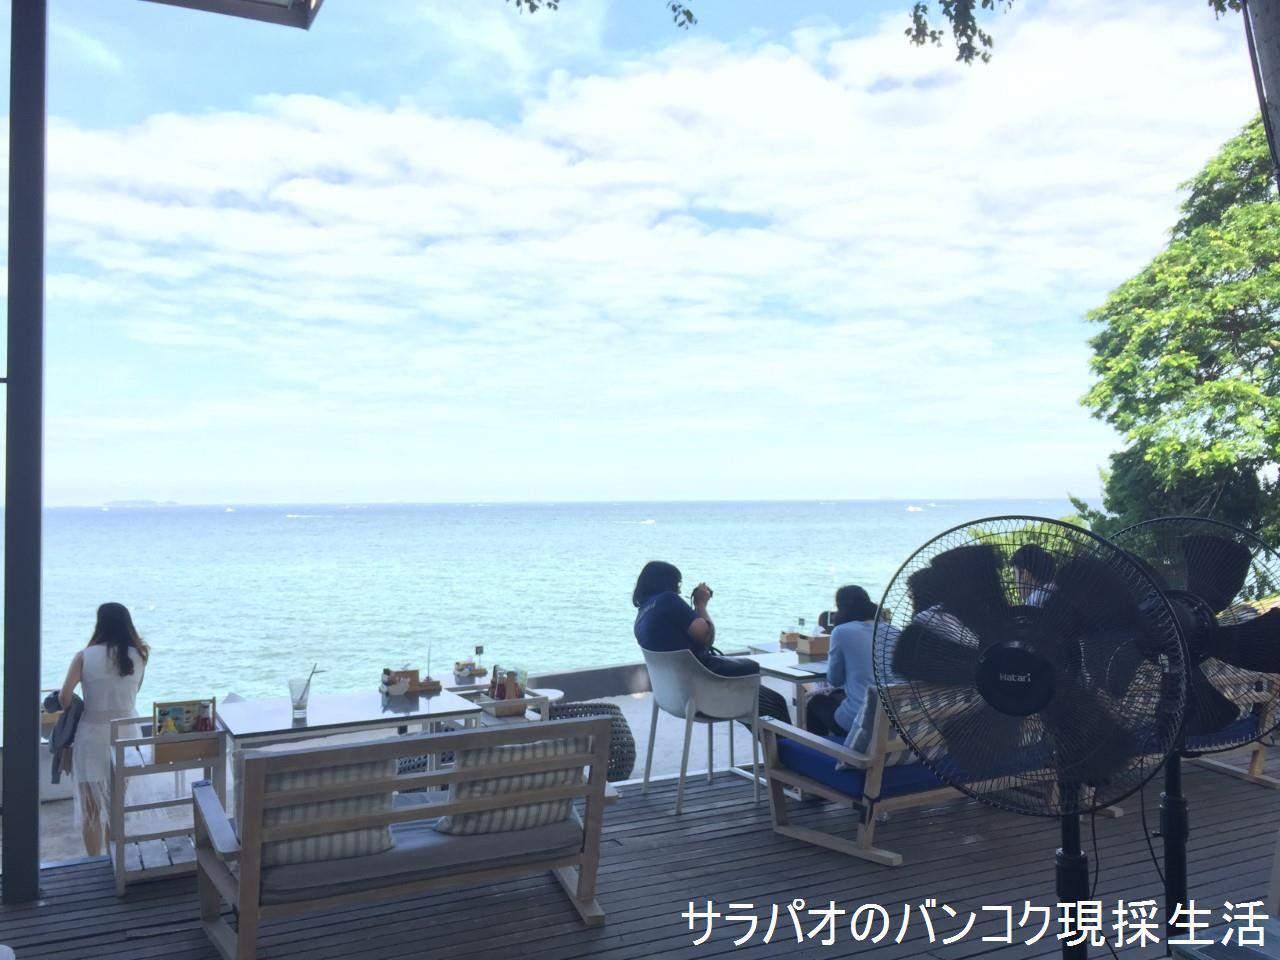 RestaurantChonBuri1_05.jpg